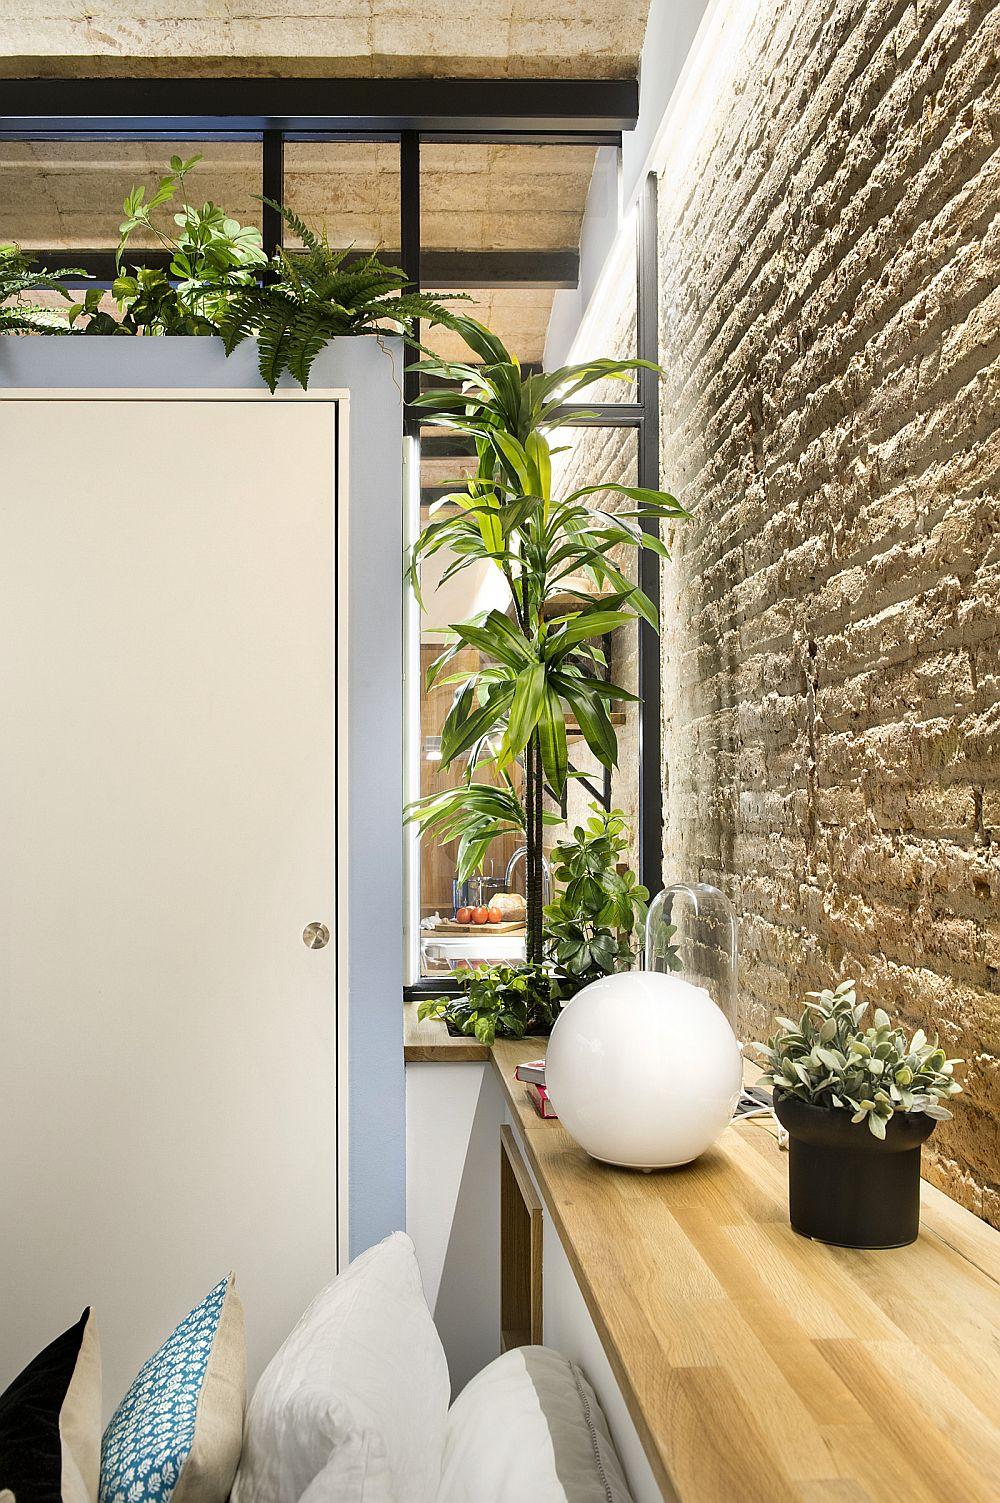 Între dulapul din dormitor și perete, la nivelul tăbliei patului a fost inserată o jardinieră, astfel încât plantele să ofere mai multă intimitate în dormitor.